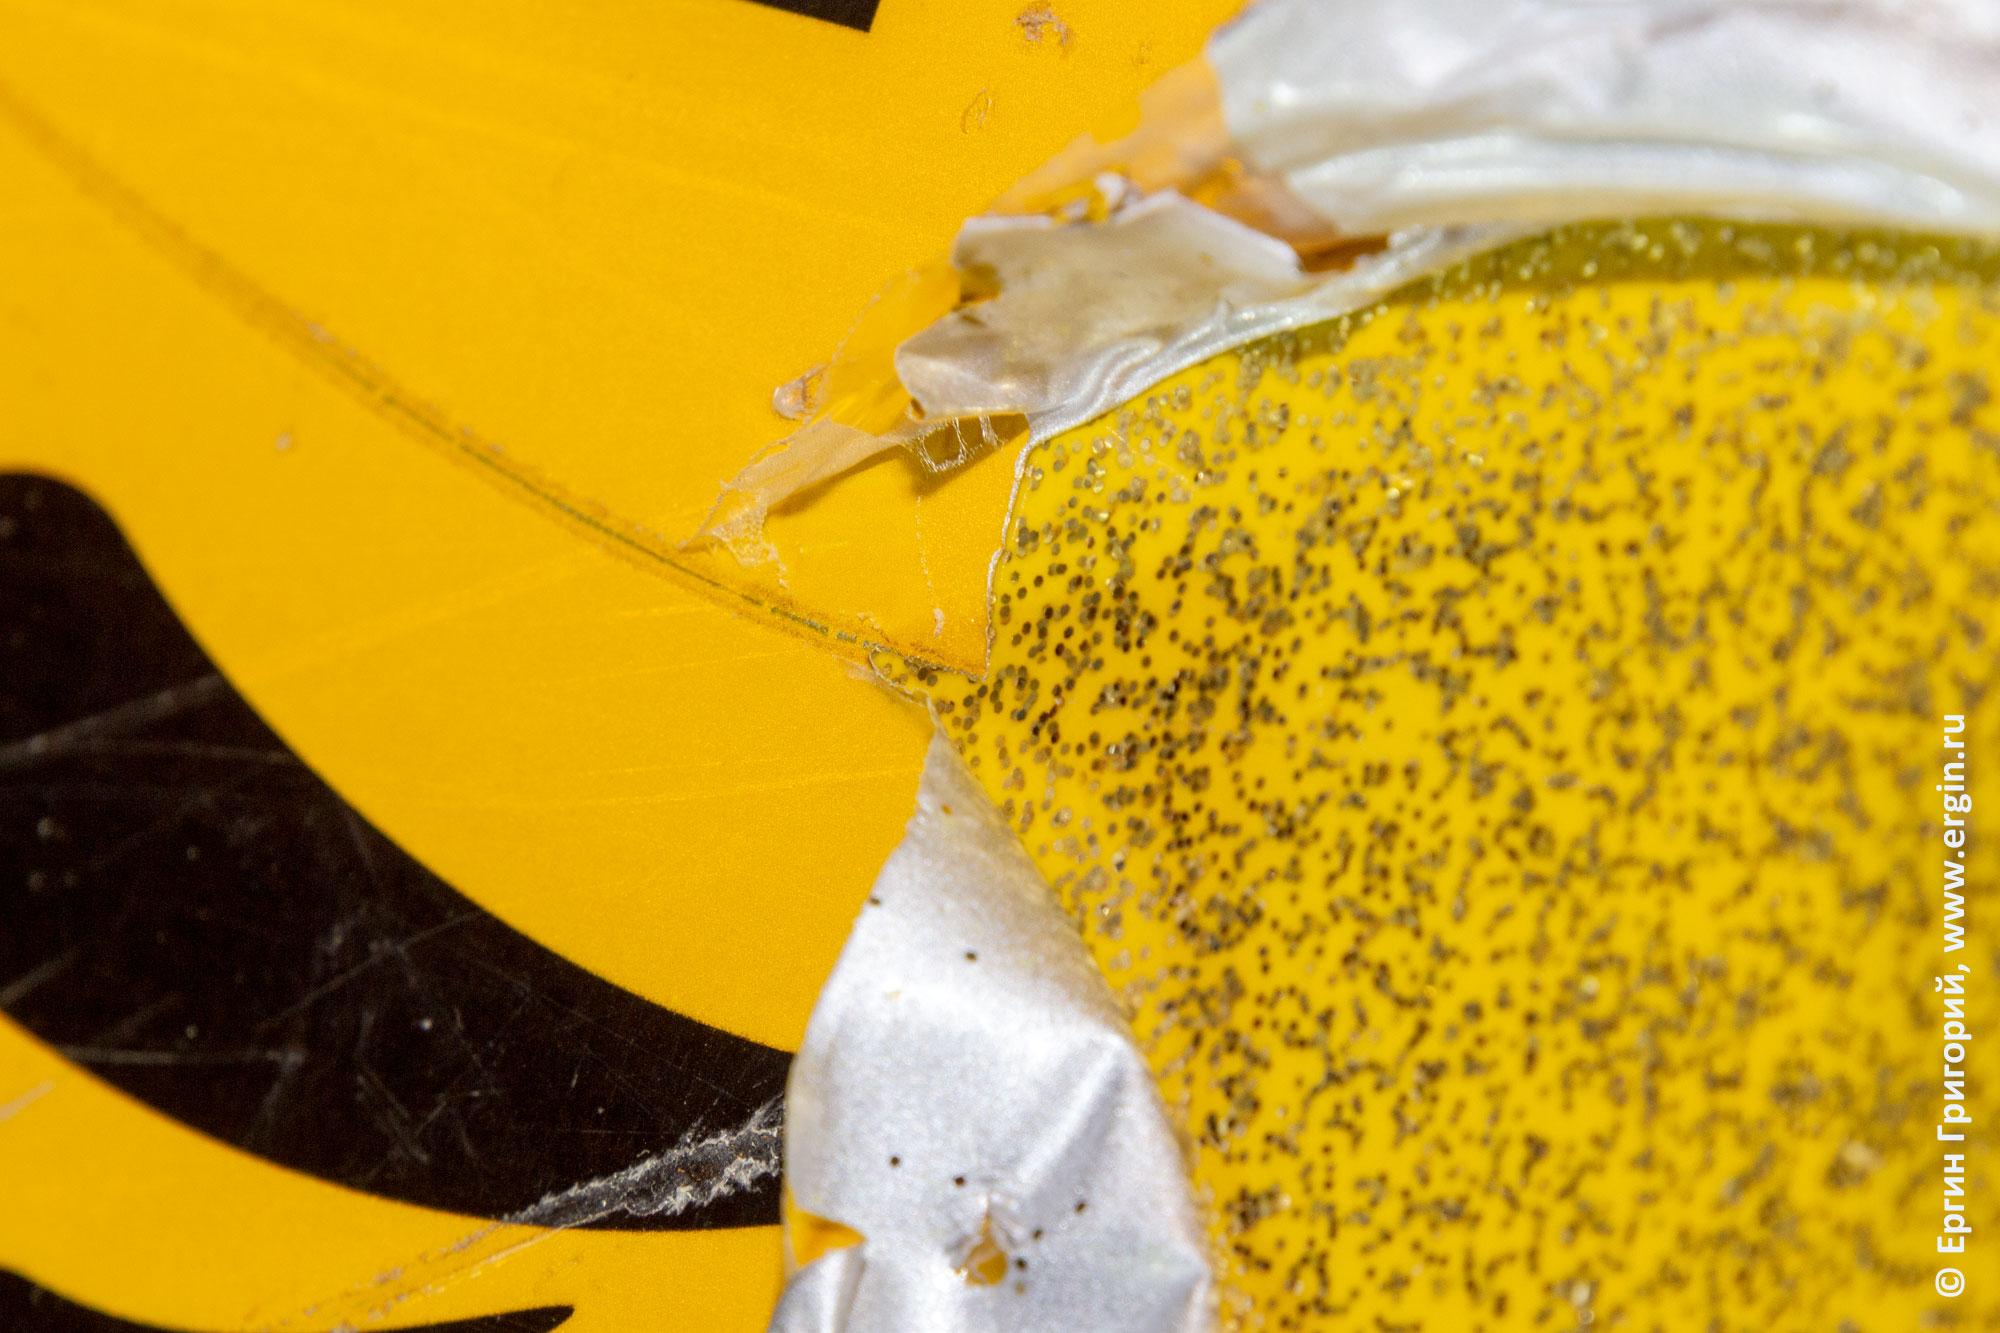 Царапина на защитной наклейке и неповрежденное днище каяка